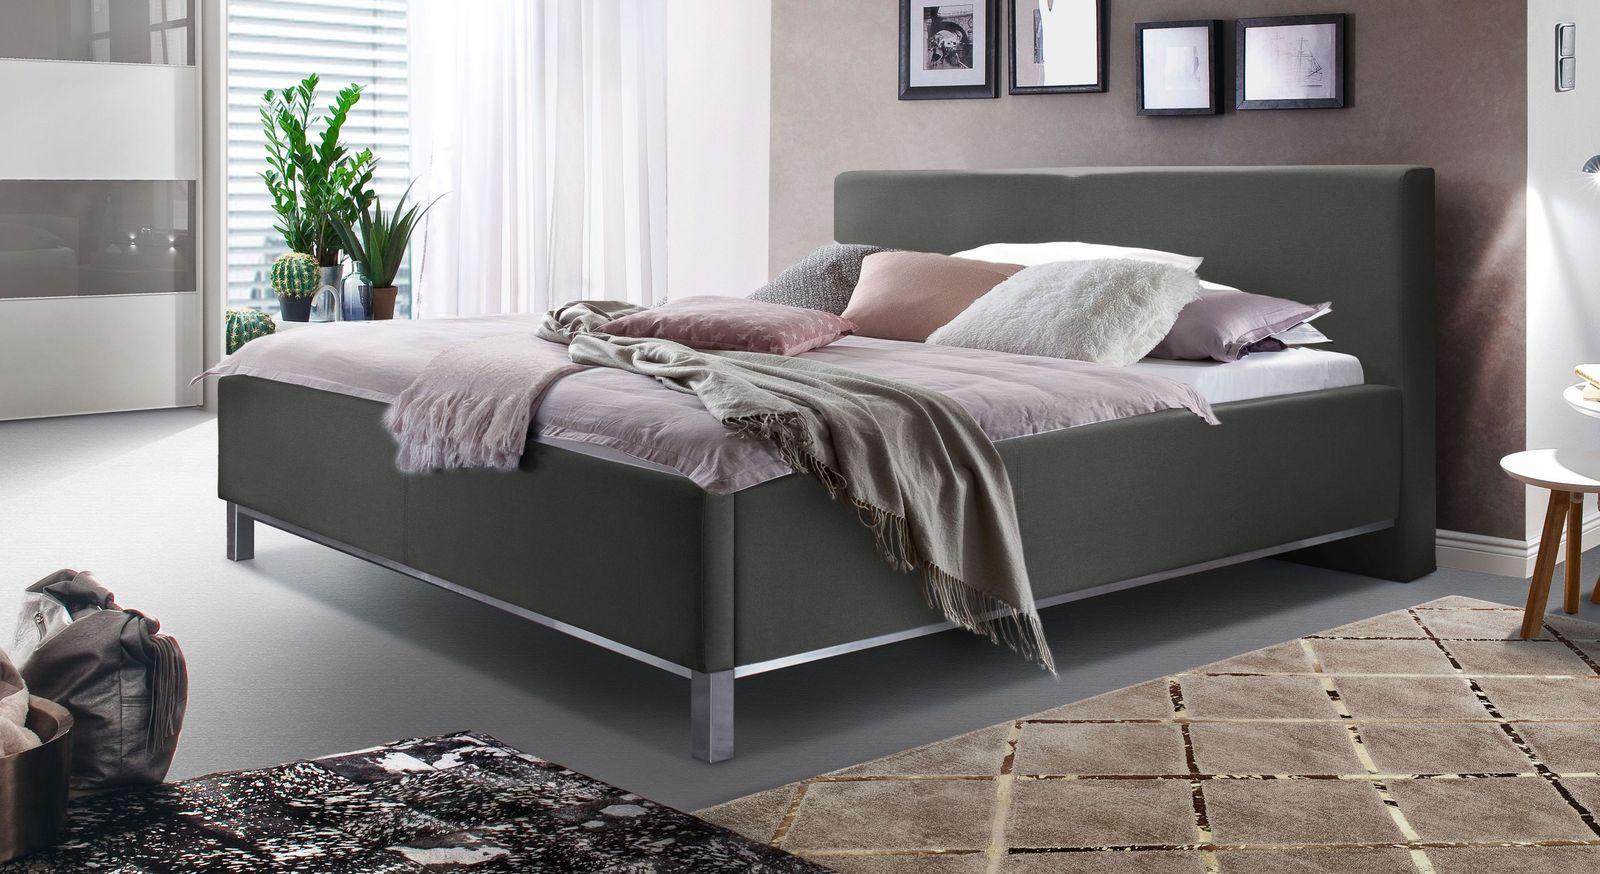 Anthrazitfarbenes Bett Tranquilo mit Chromfüßen